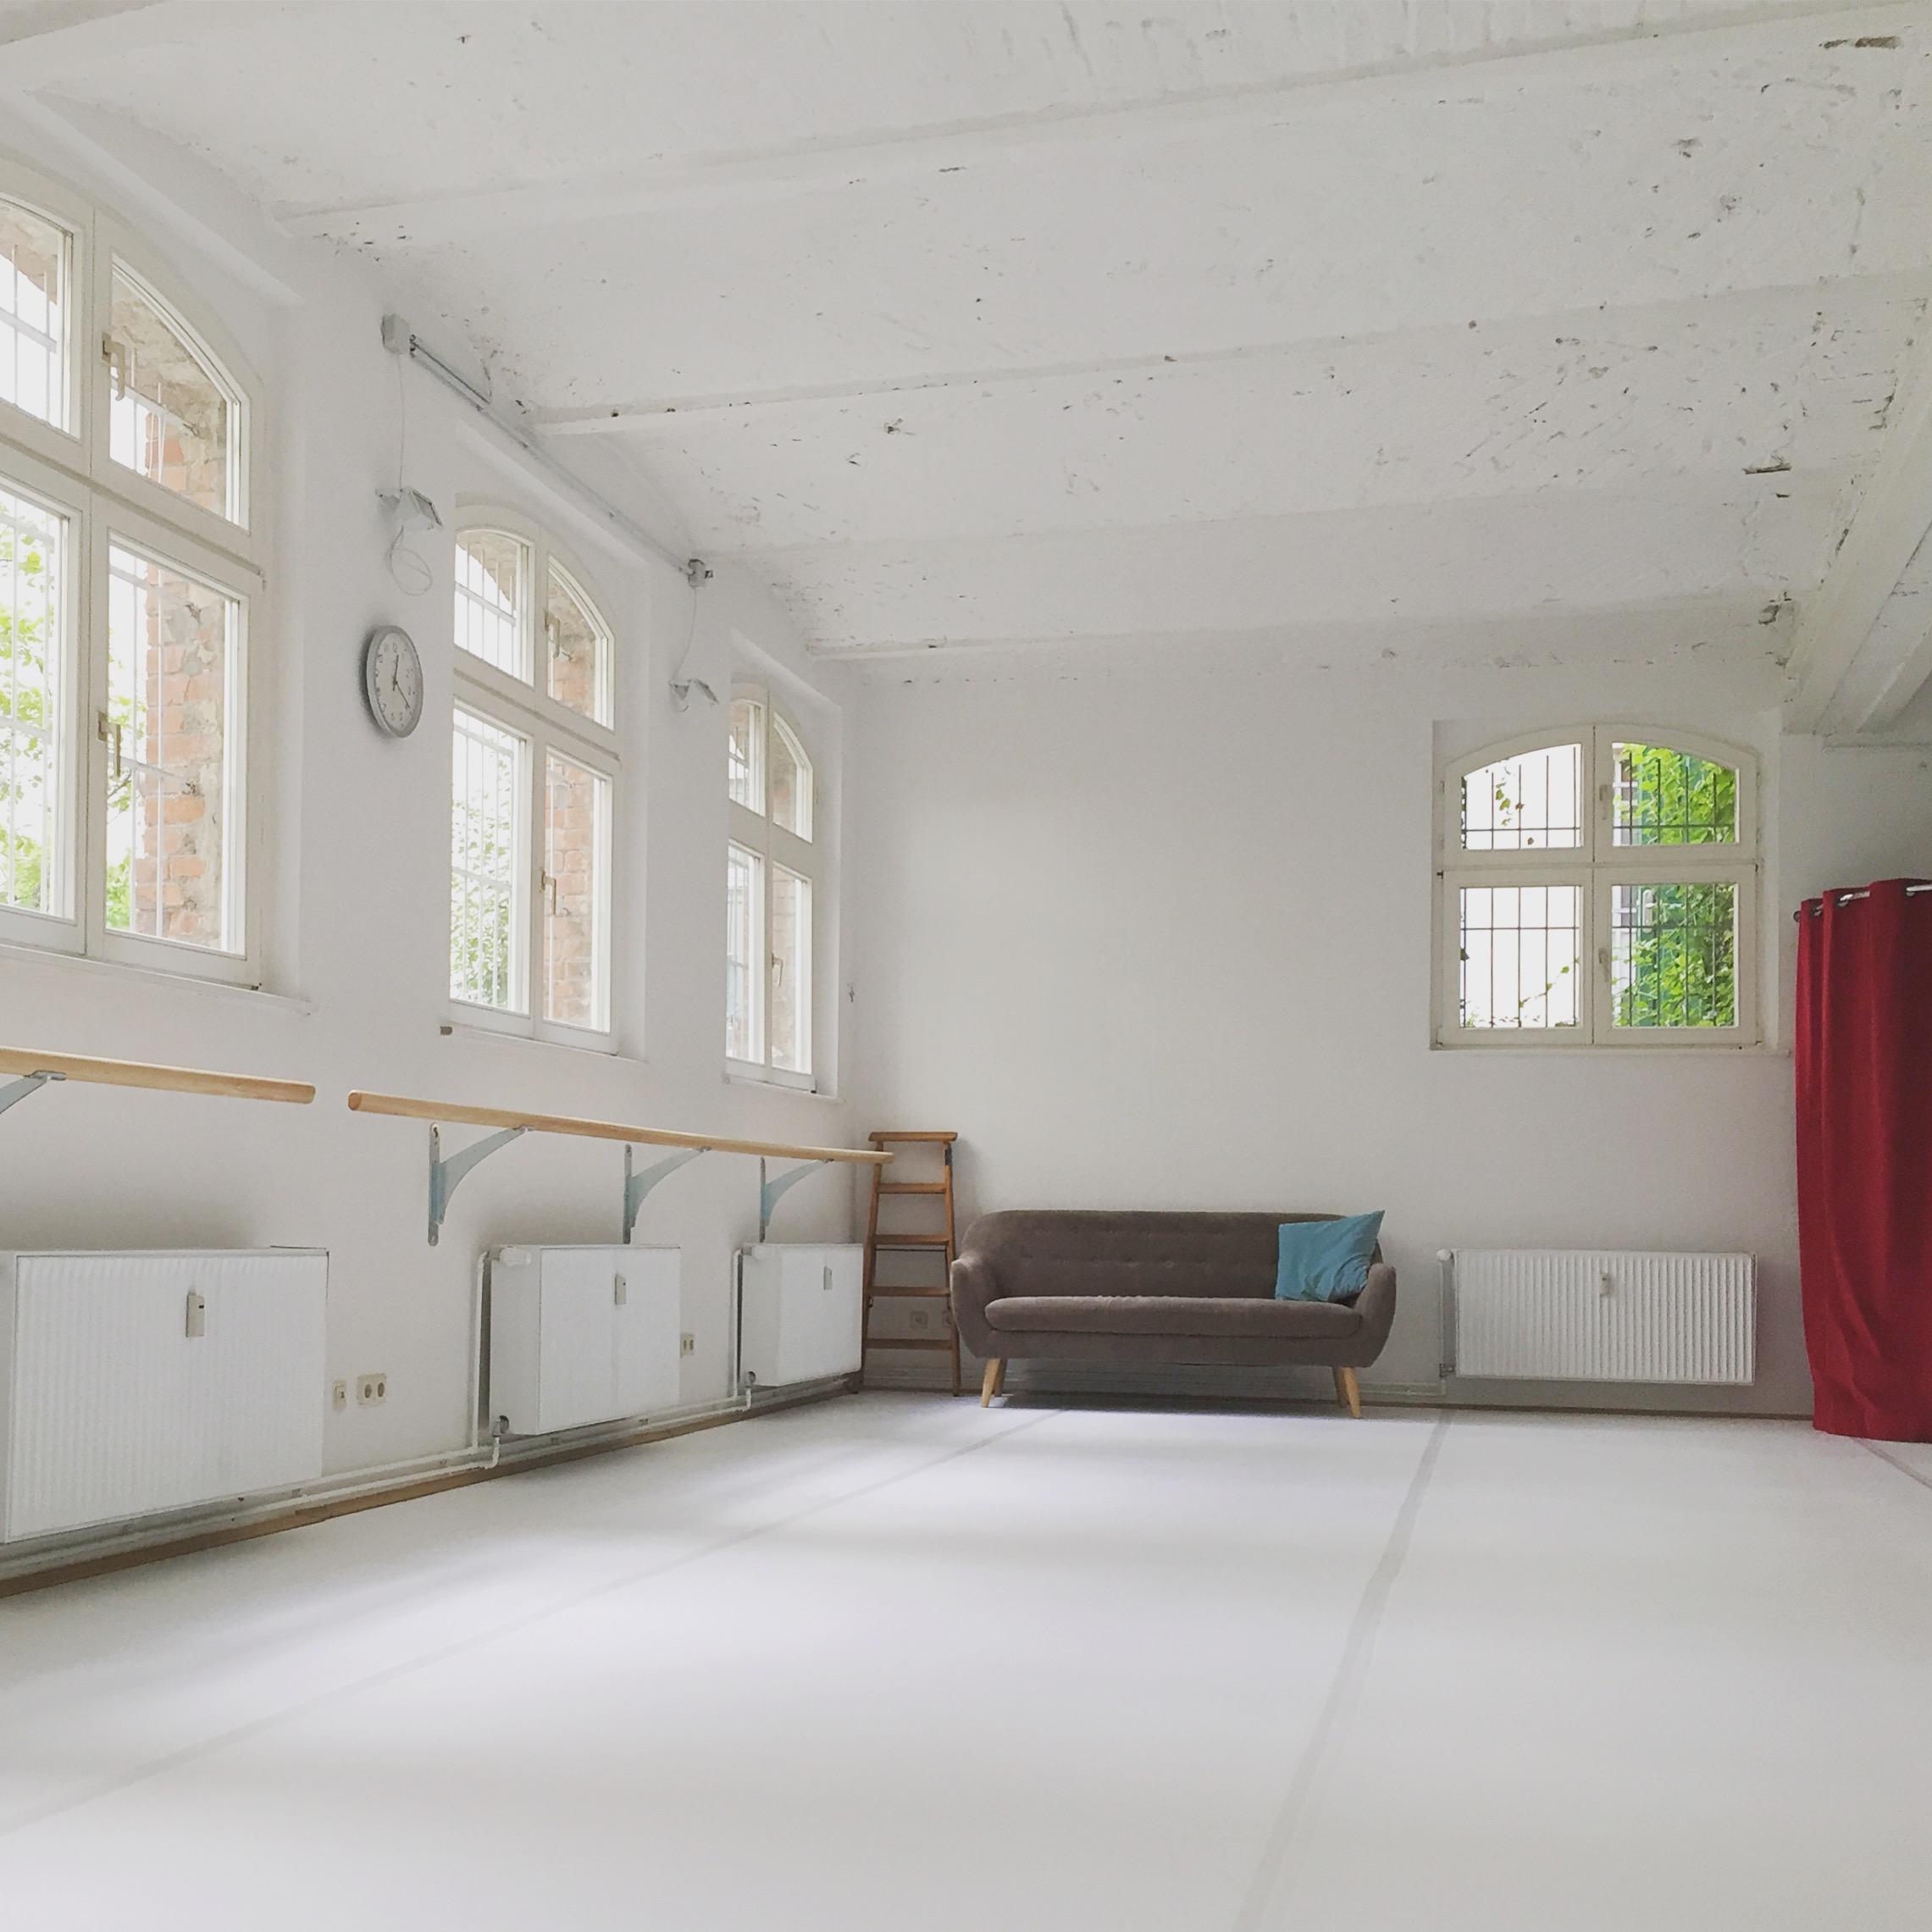 Tanzstudio The Center Berlin